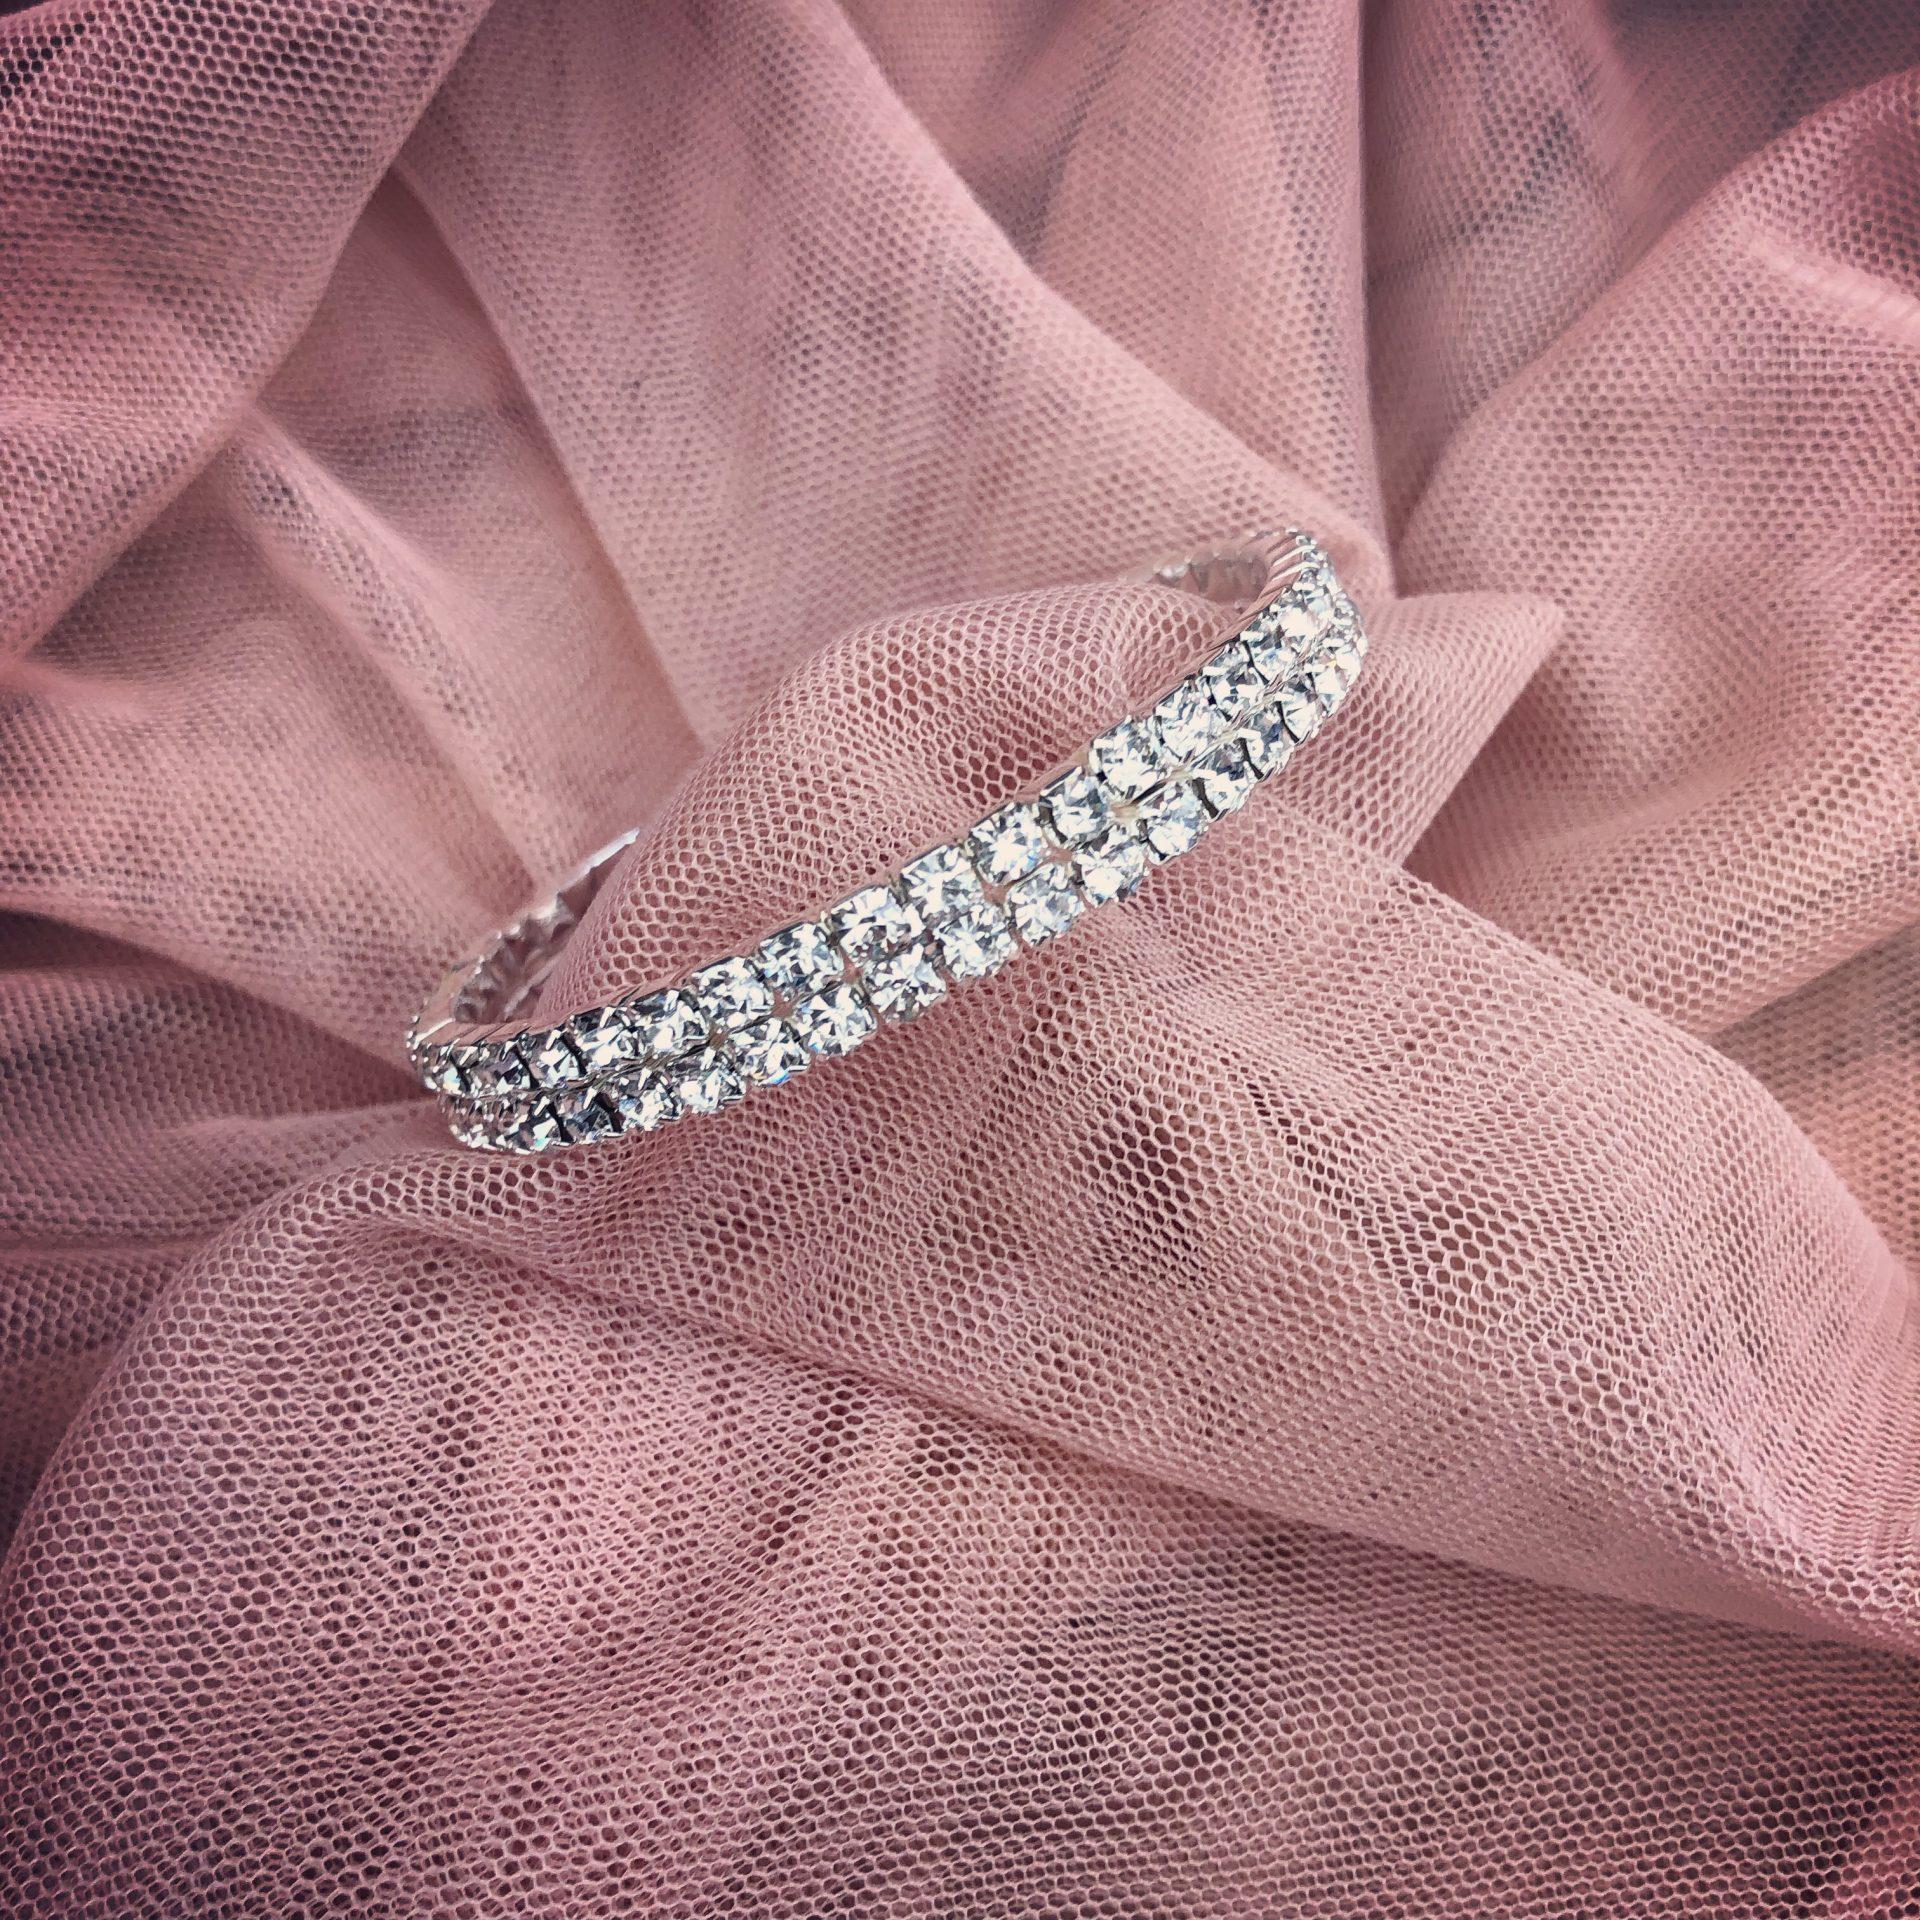 8. She Knows – Bracelet